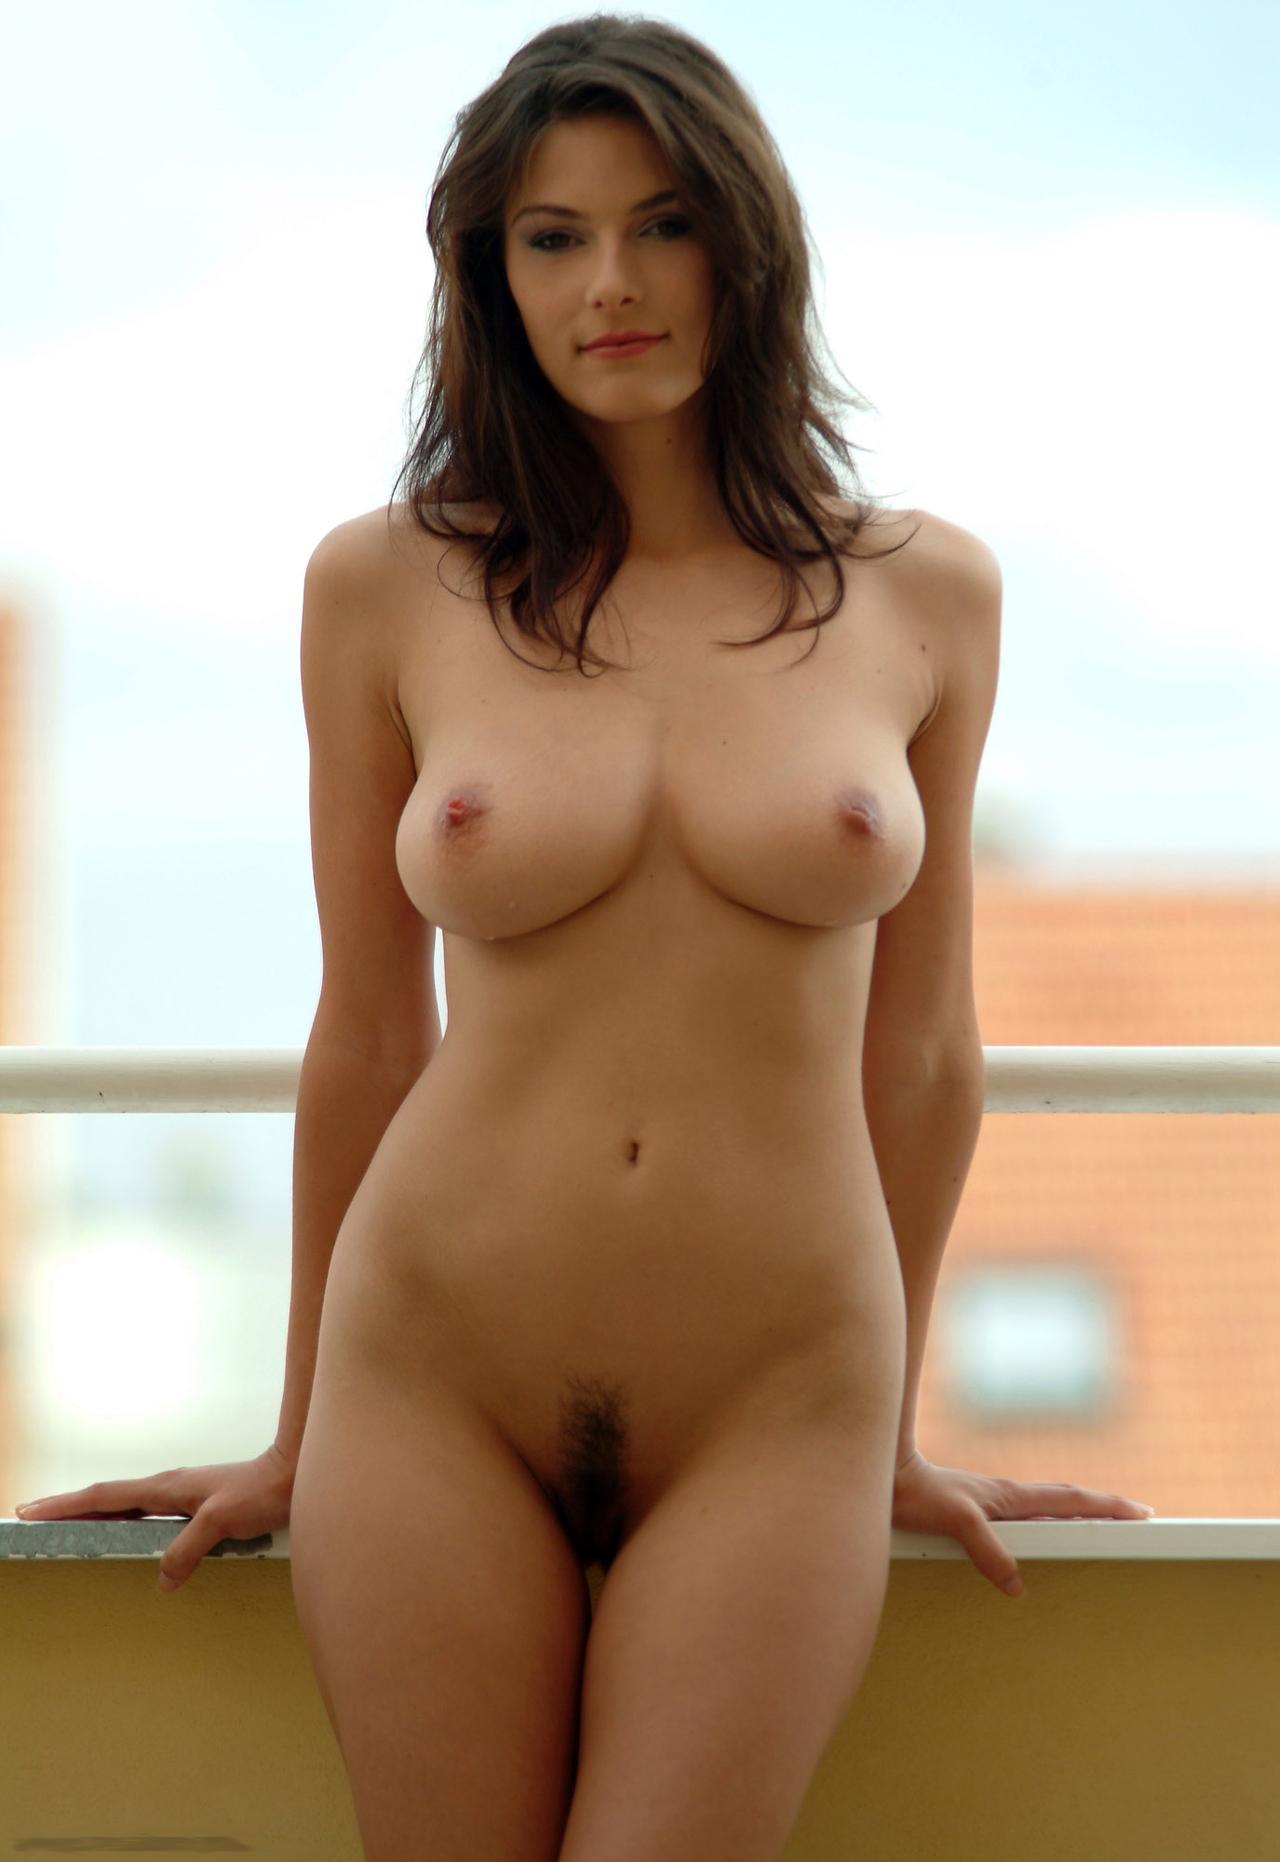 Фото голых девушек с пышными формами 19 фотография